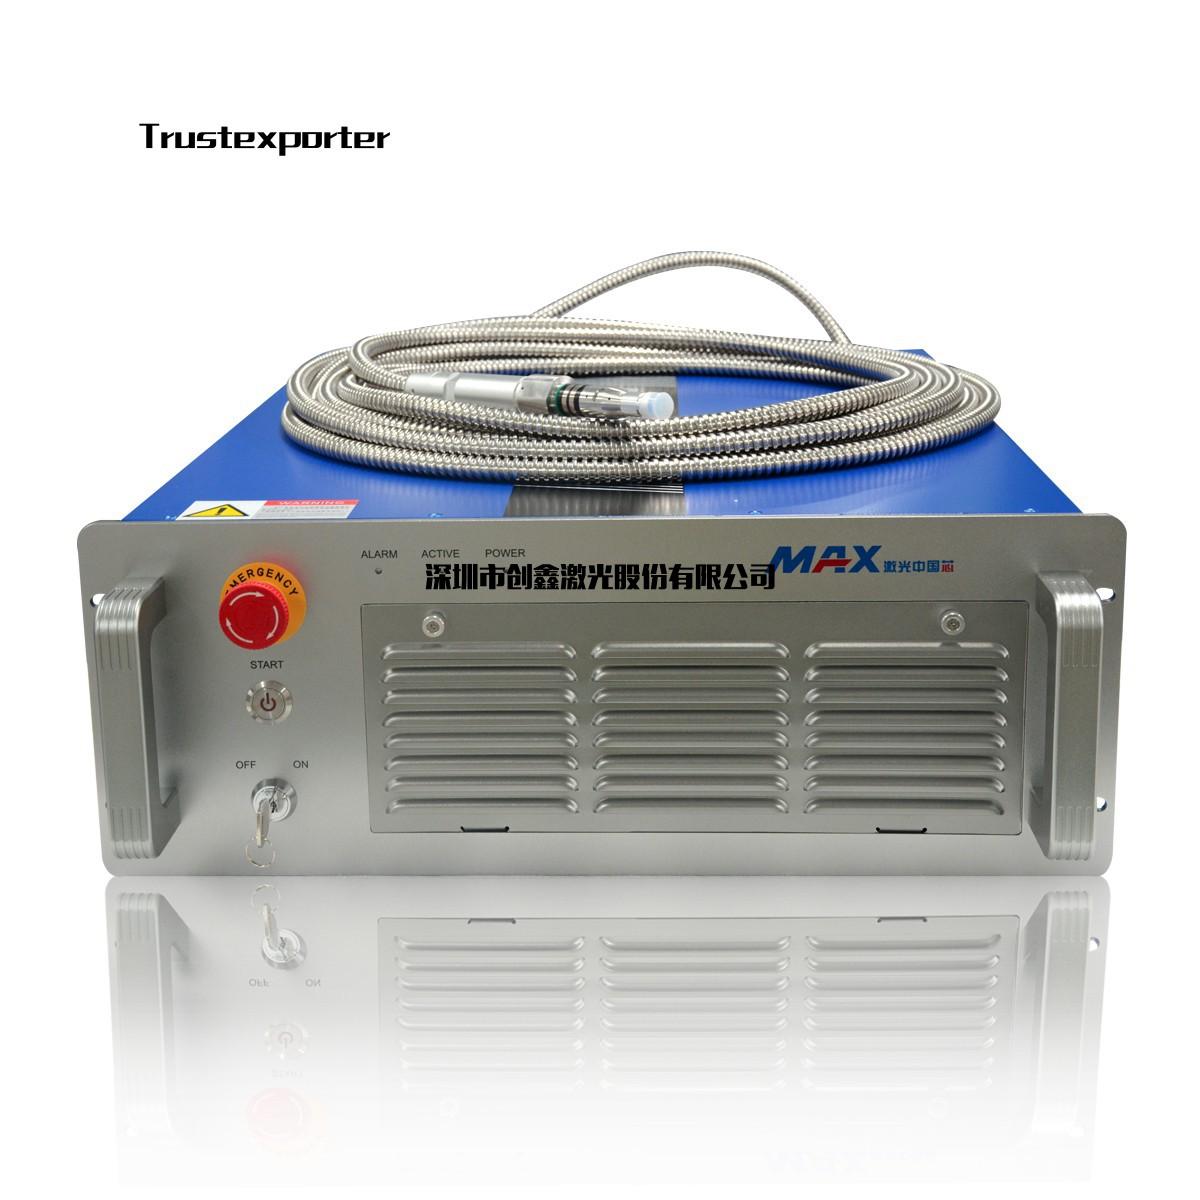 创鑫激光maxmfsc系列风冷光纤激光器